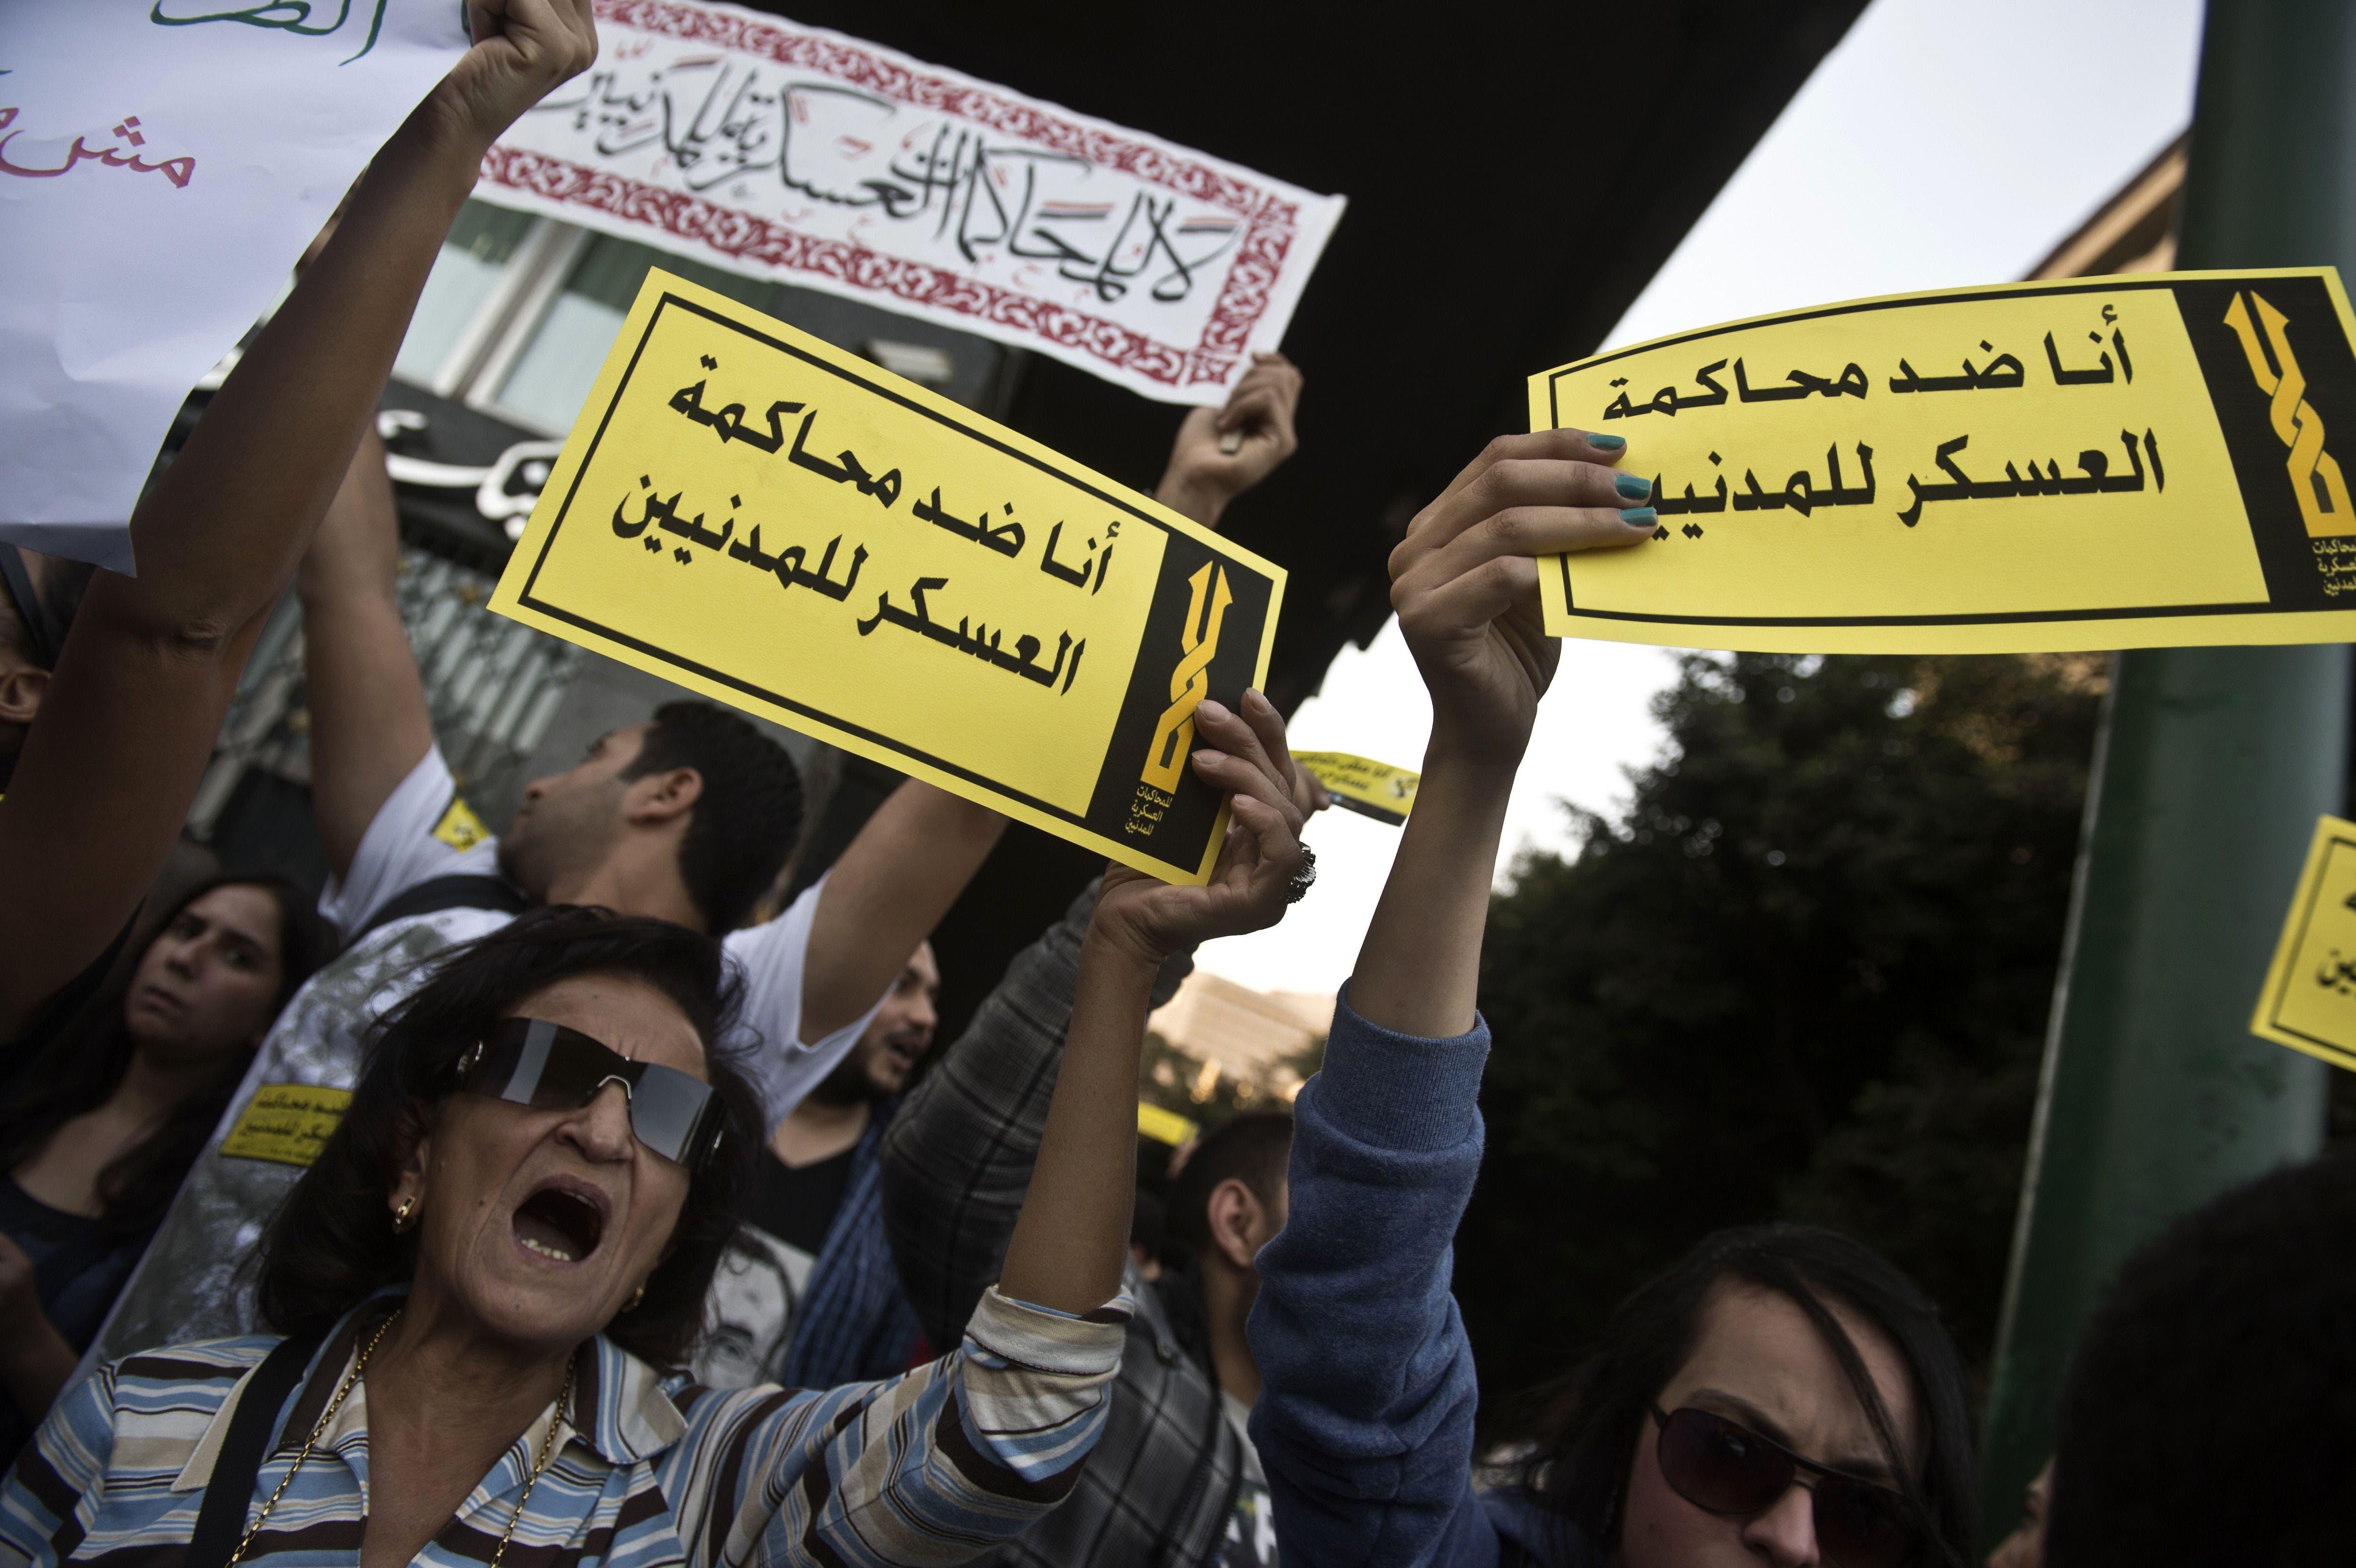 جانب من التظاهرات أمام مجلس الشورى